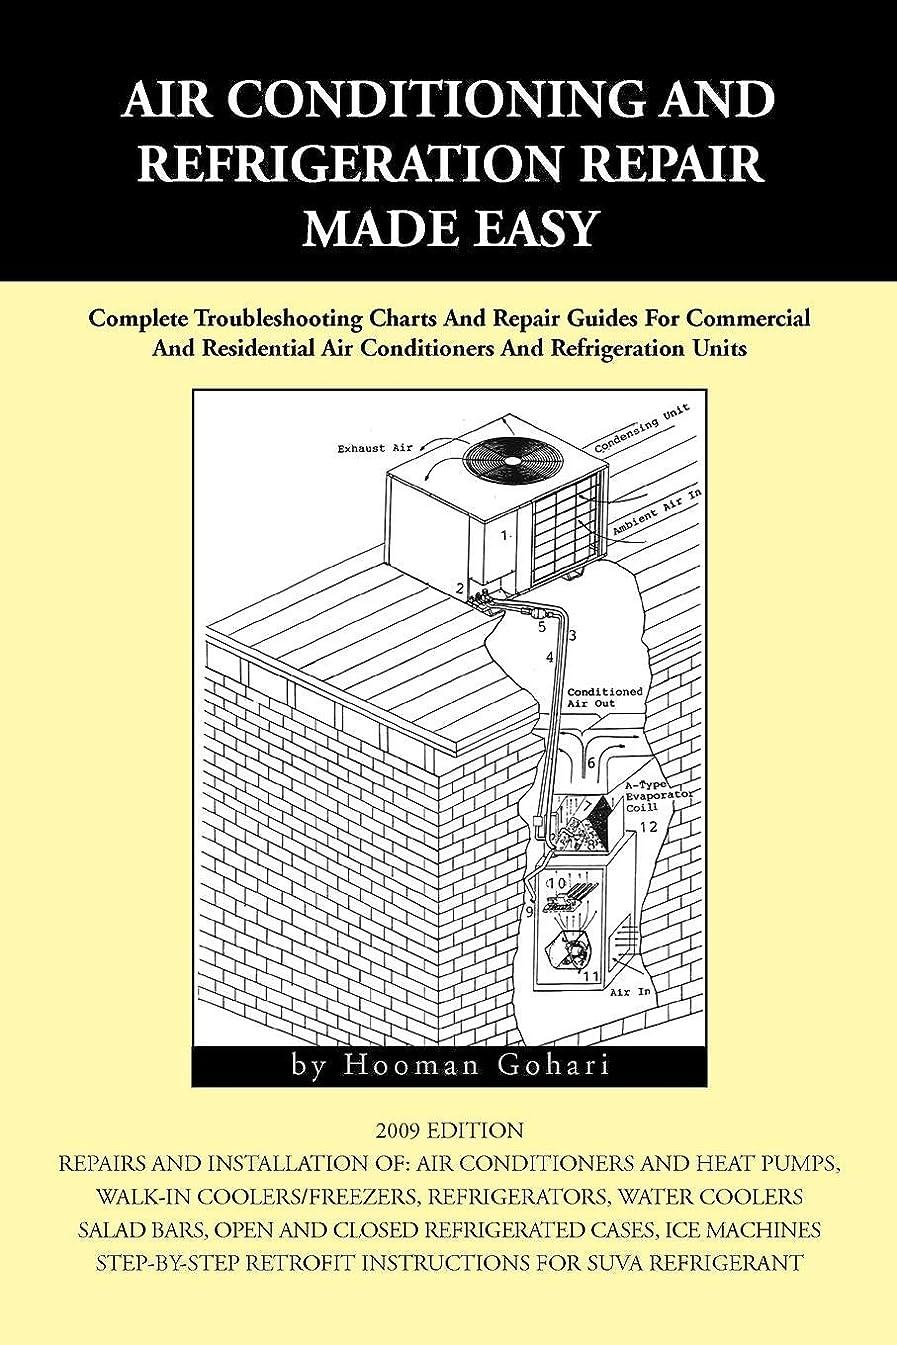 スーツケース開拓者手首Air Conditioning and Refrigeration Repair Made Easy: A Complete Step-by-step Repair Guide for Commercial and Domestic Air-Conditioning and Refrigeration Units